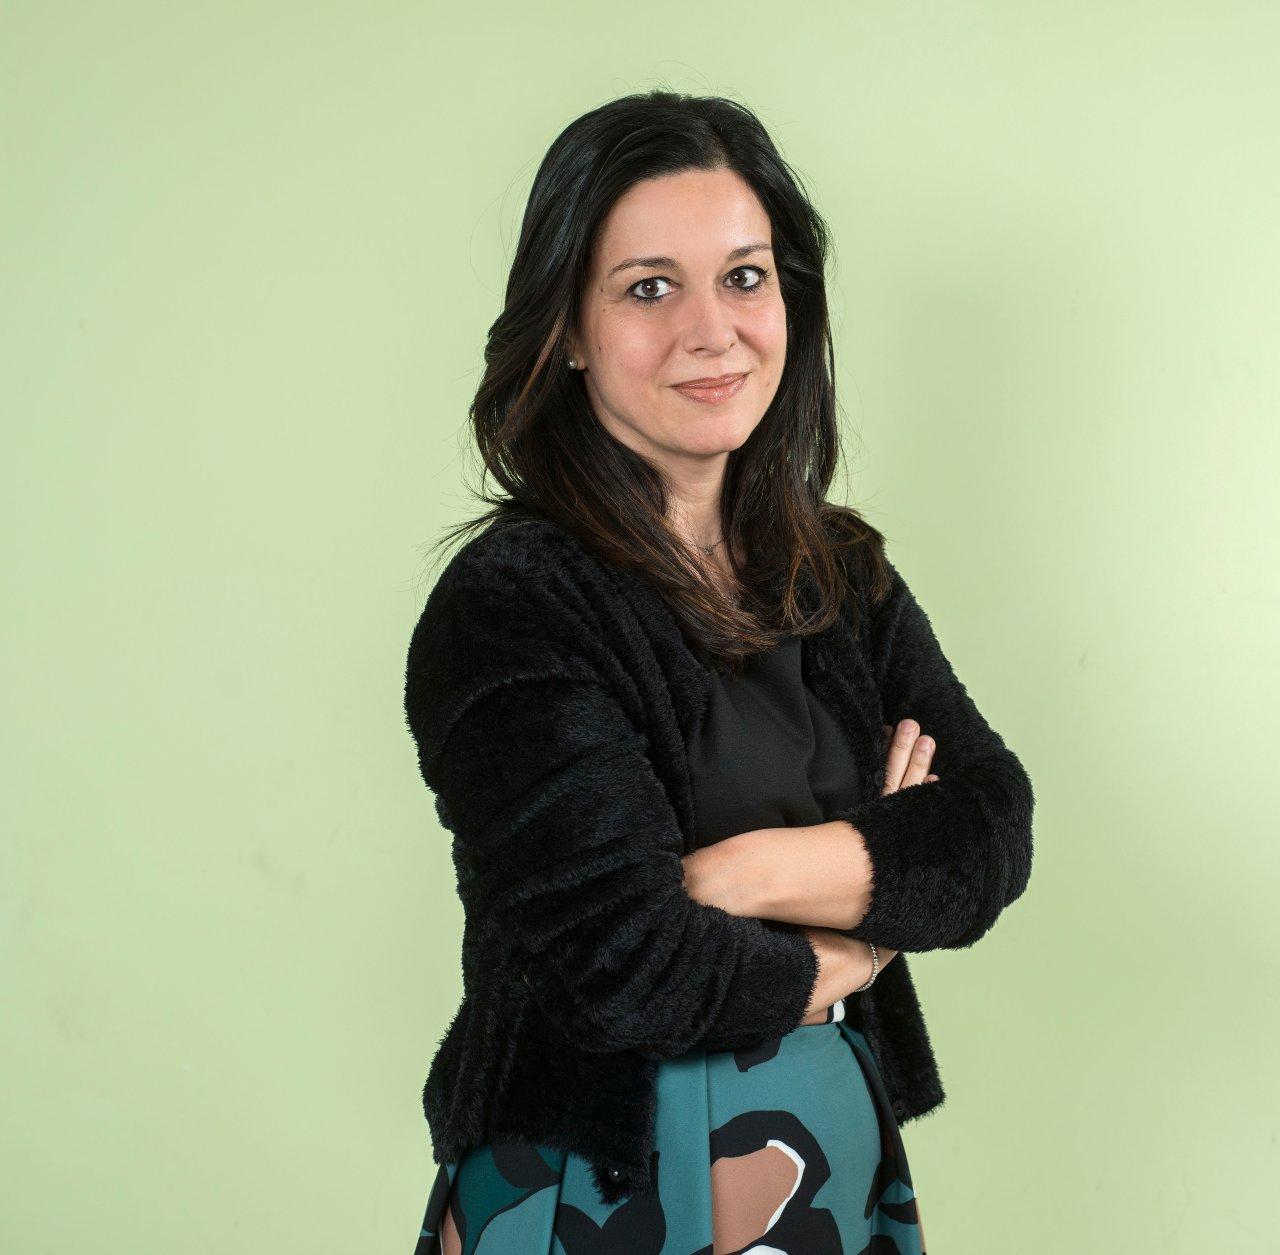 Gabriella Maggioli vicepresidente cooperativa sociale Cento Fiori